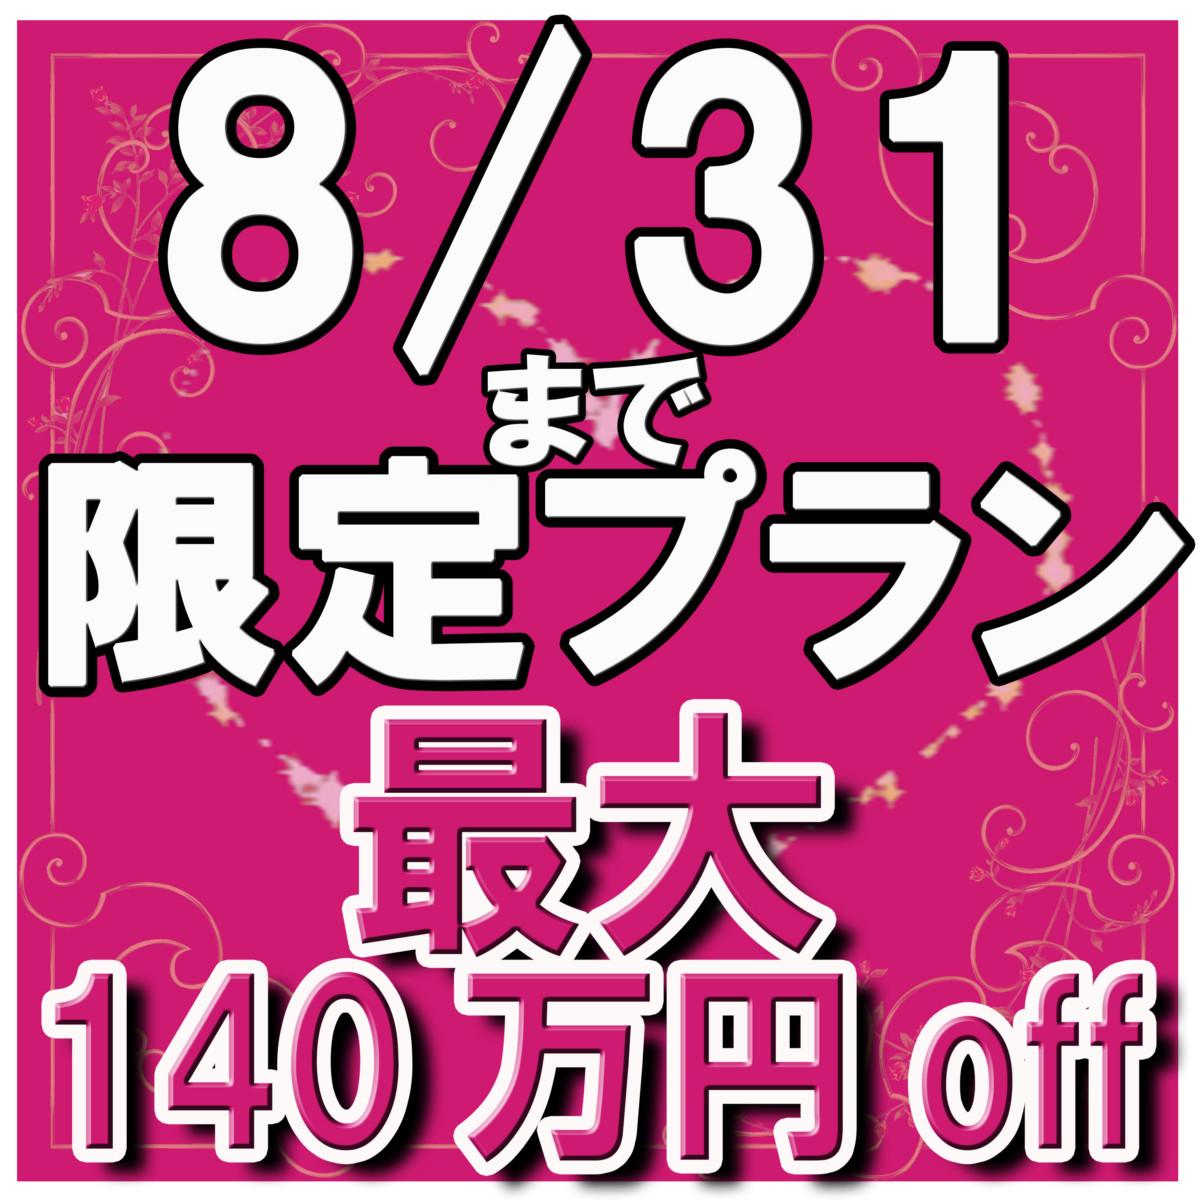 非公開: ★残3組★先着順!最大140万円OFF!ご祝儀の範囲内での結婚式も可能!8月来館限定プラン